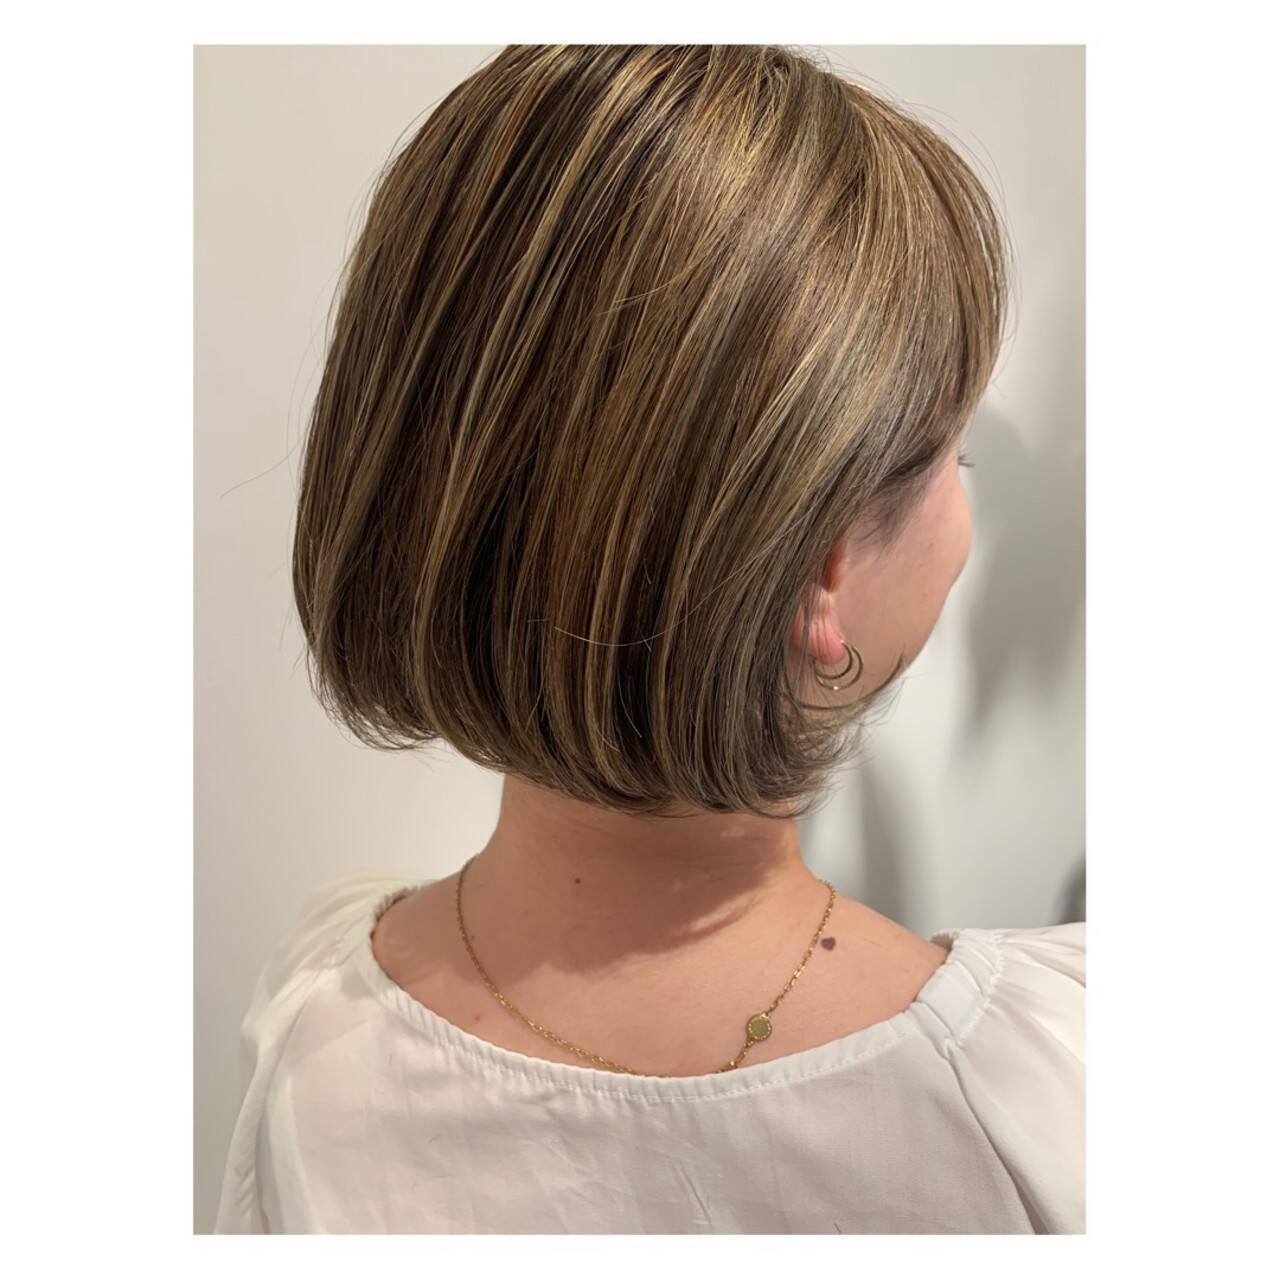 ハイトーンボブ ハイトーンカラー ショートボブ フェミニンヘアスタイルや髪型の写真・画像